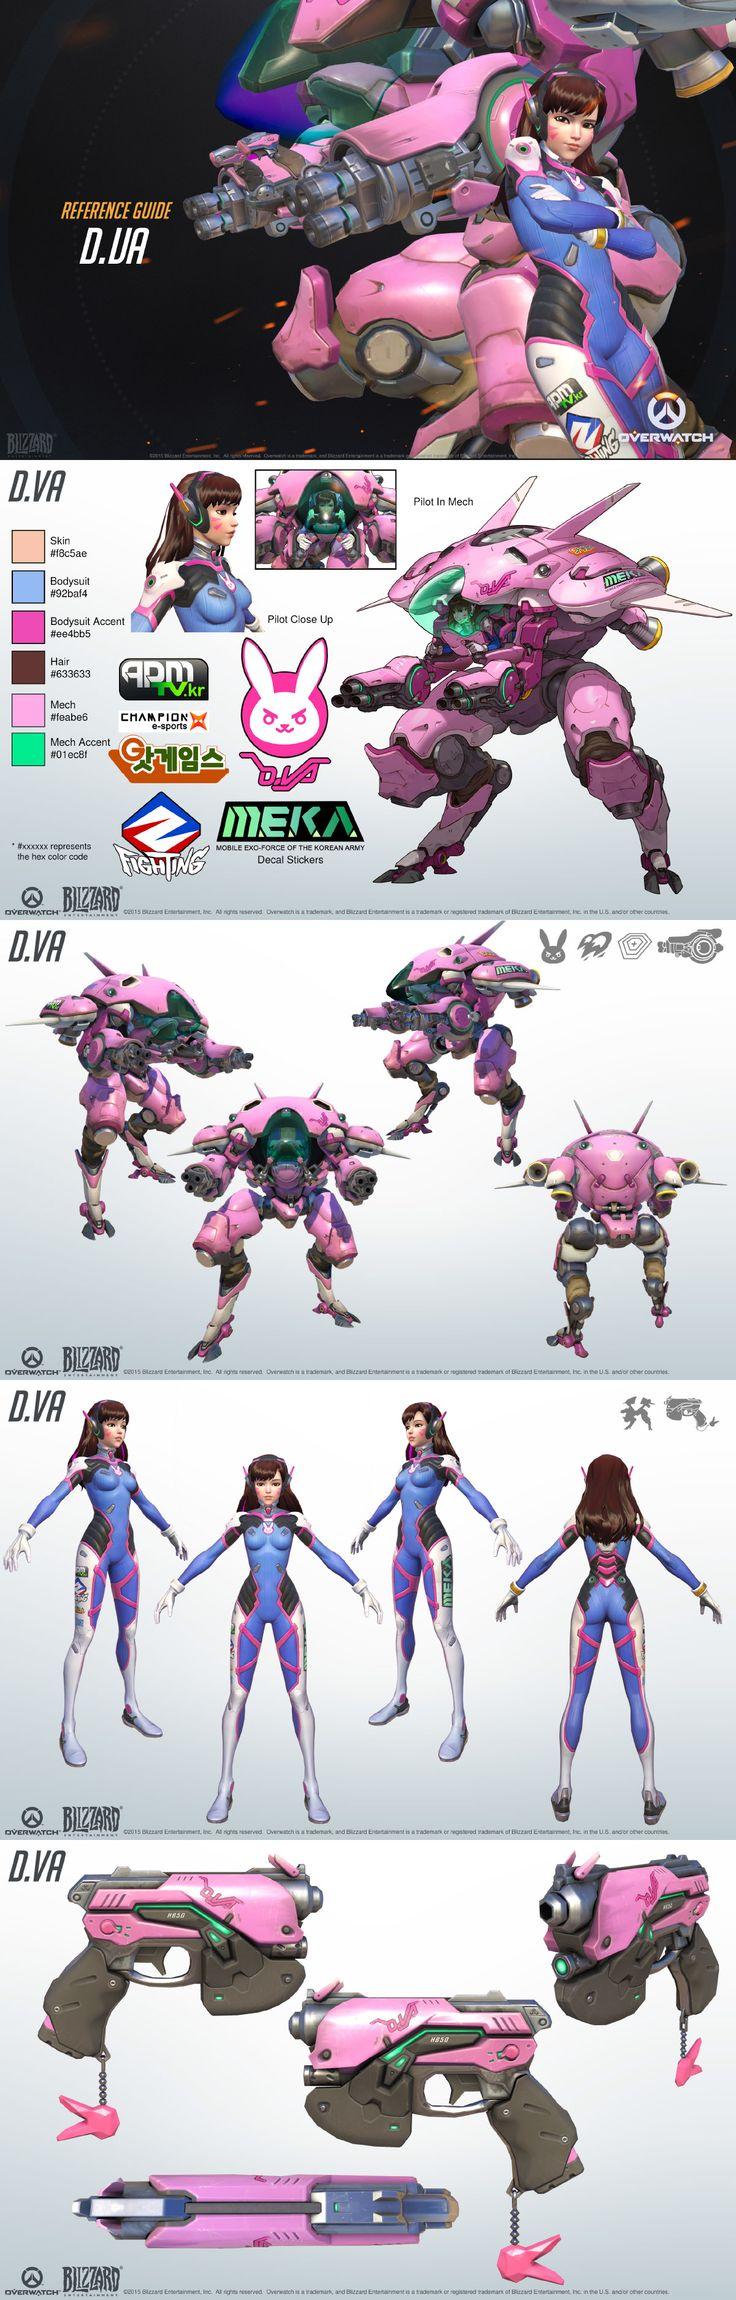 Overwatch character D.Va